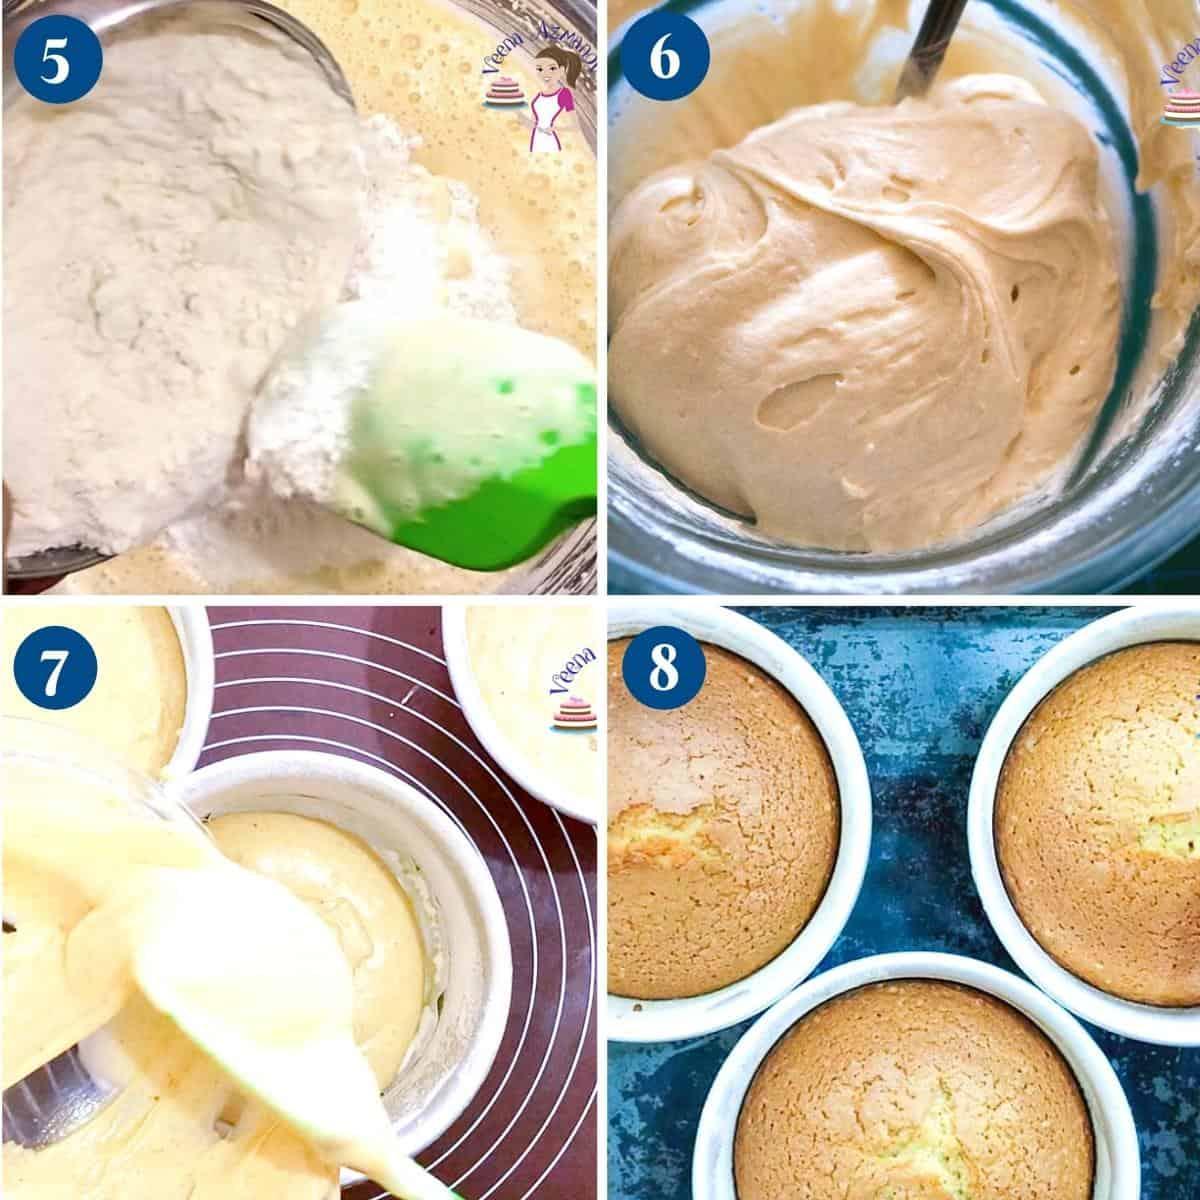 Baking a pumpkin cake in cake pans.